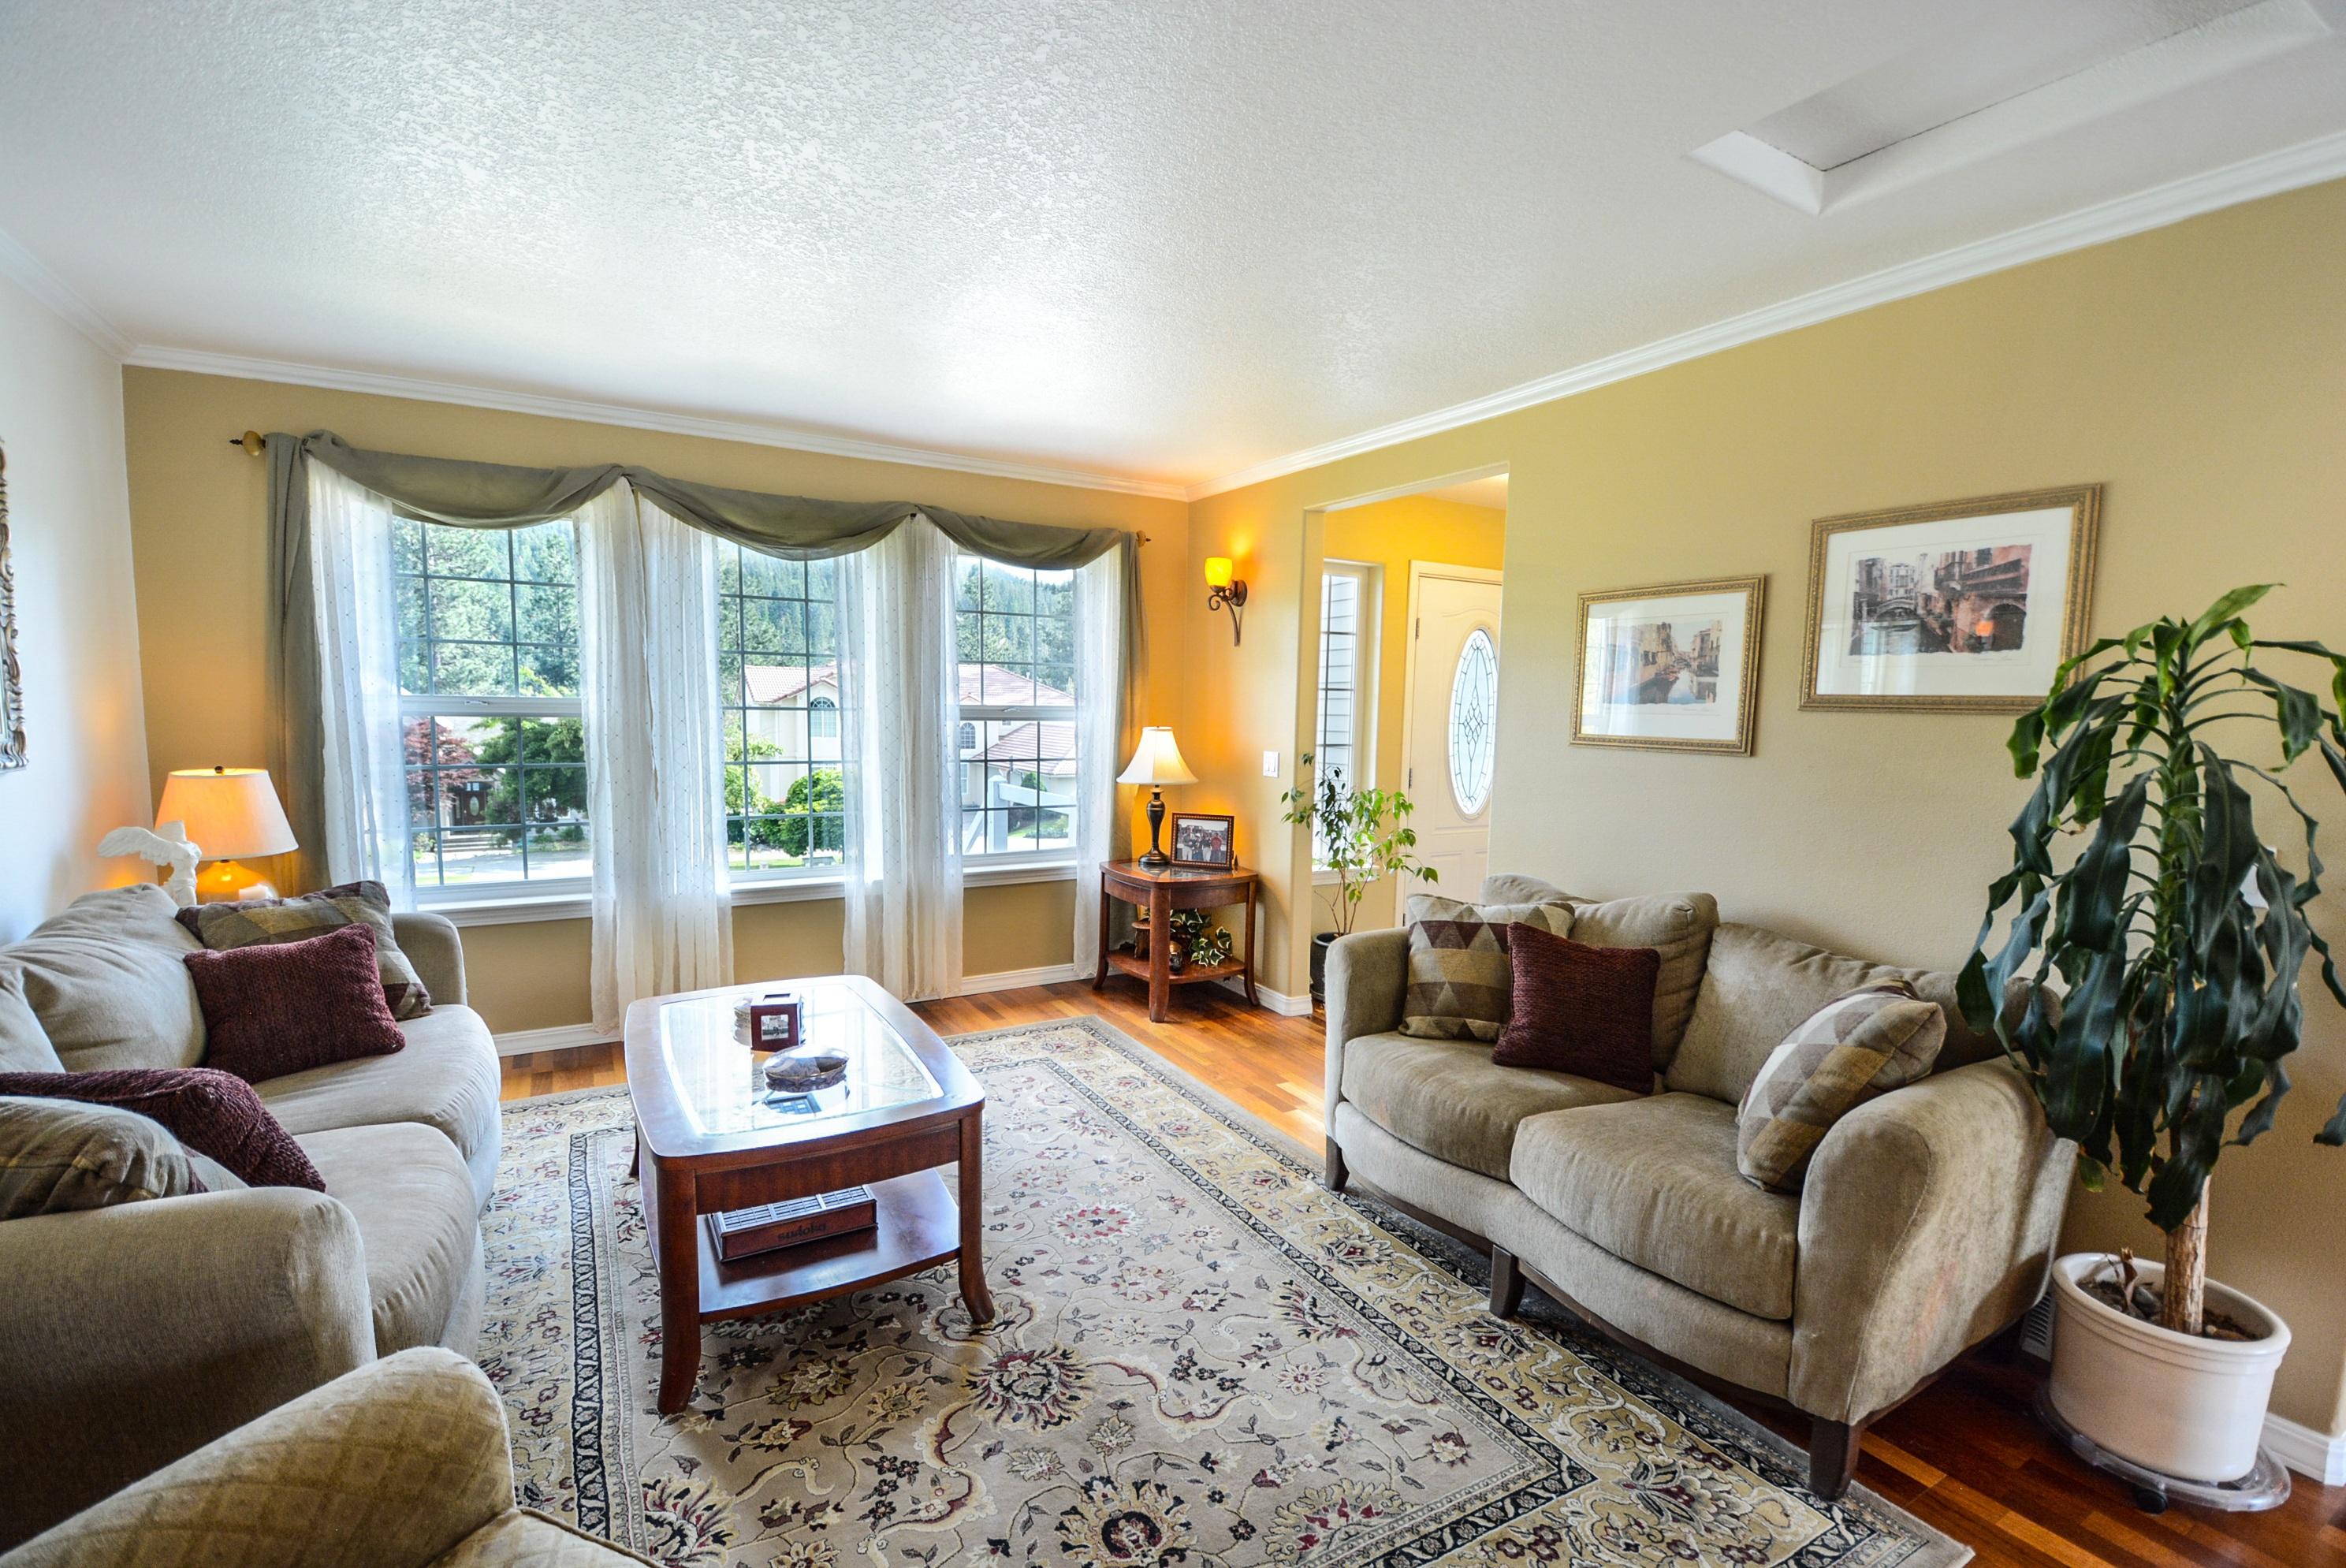 Fotos gratis villa palacio piso caba a propiedad for V a dundee living room